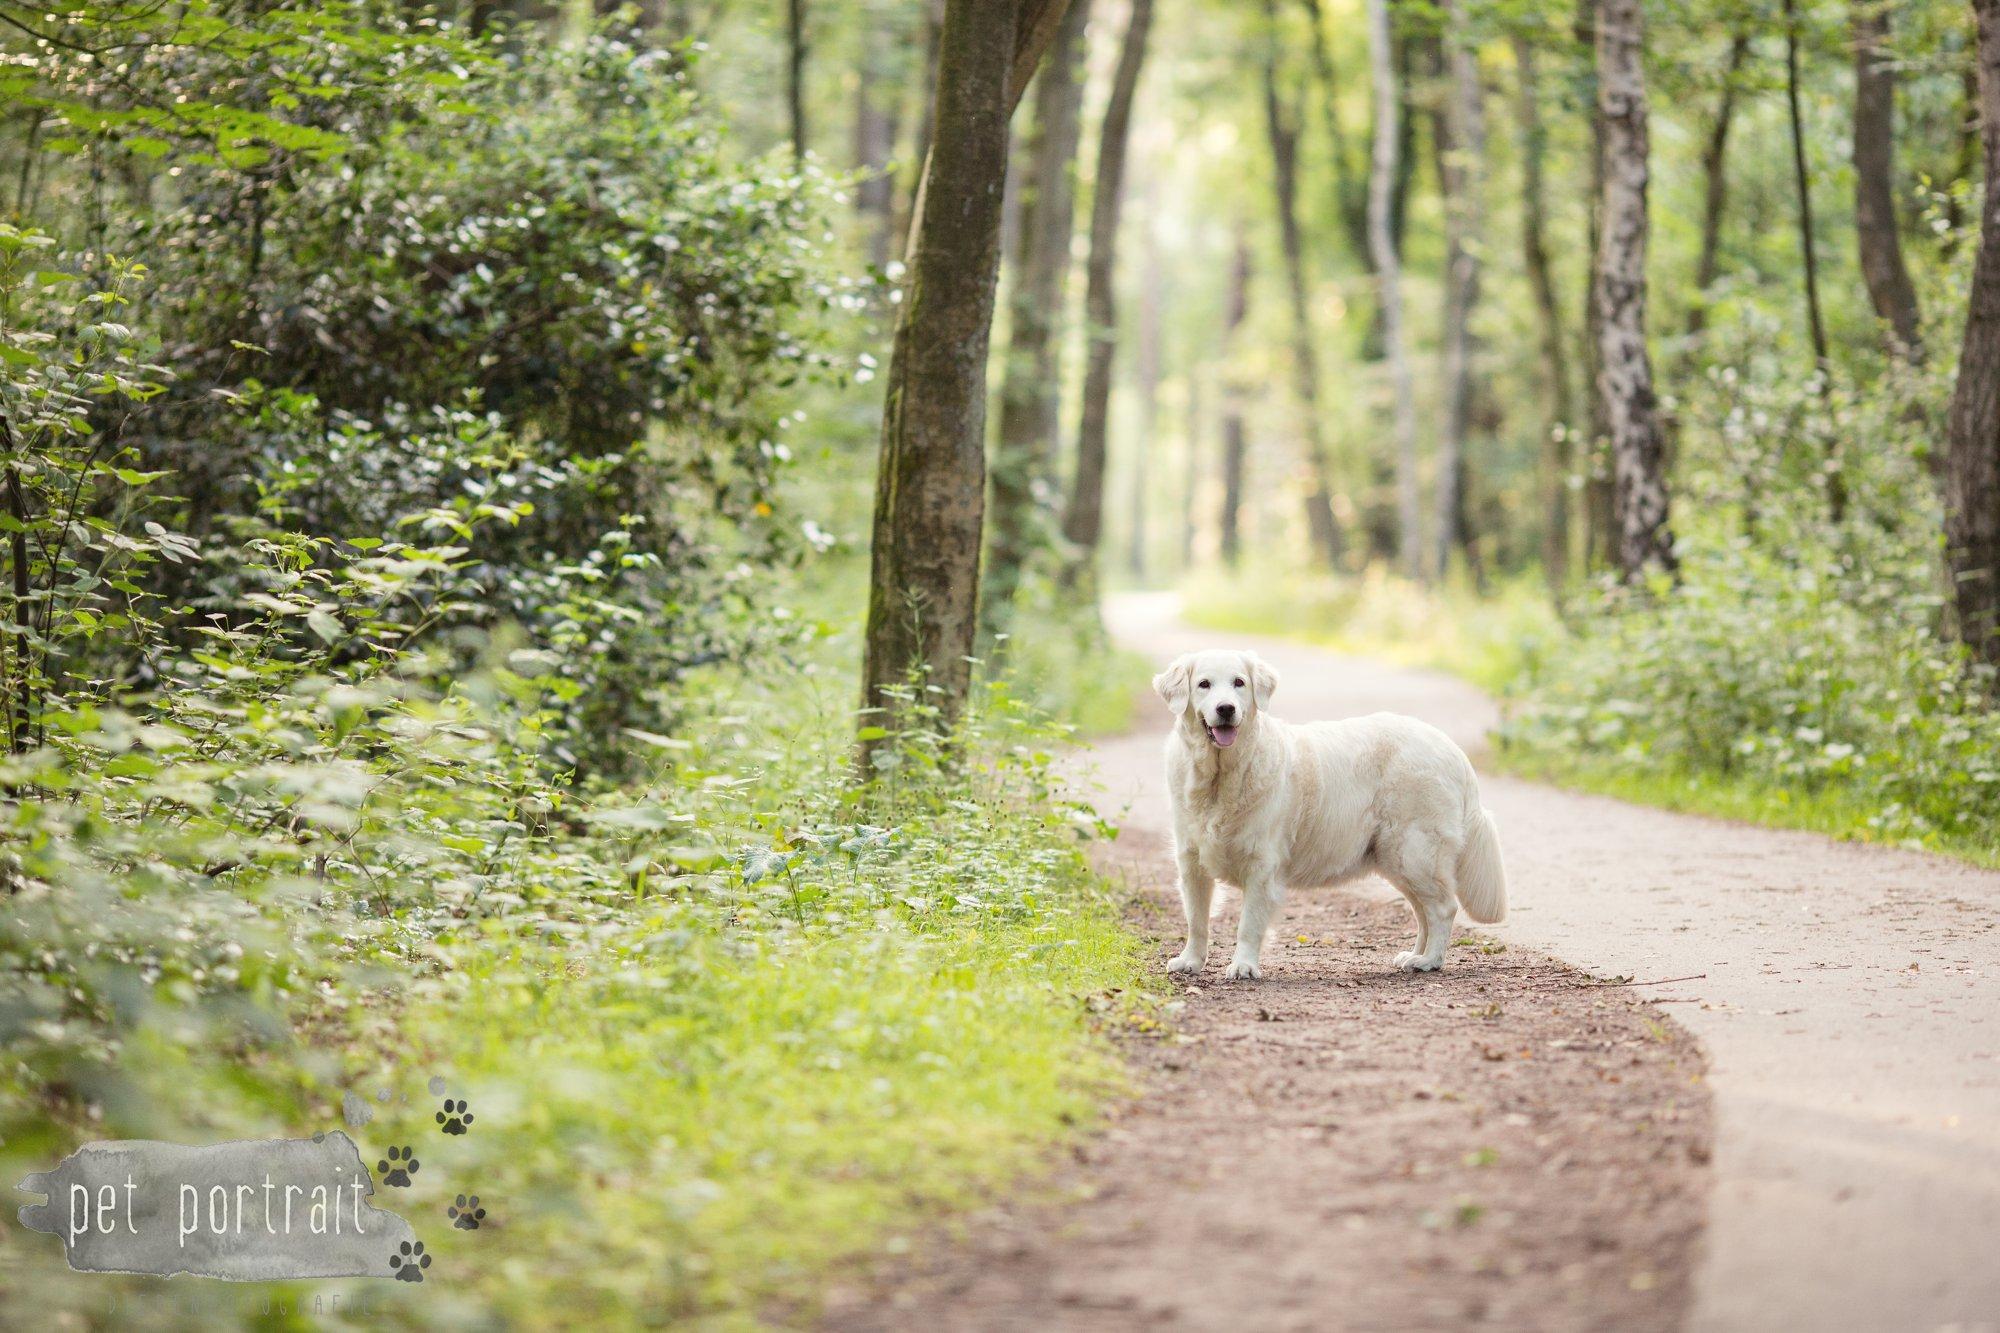 Hondenfotograaf Soest - Dier en Baasje fotoshoot in de Soesterduinen-15